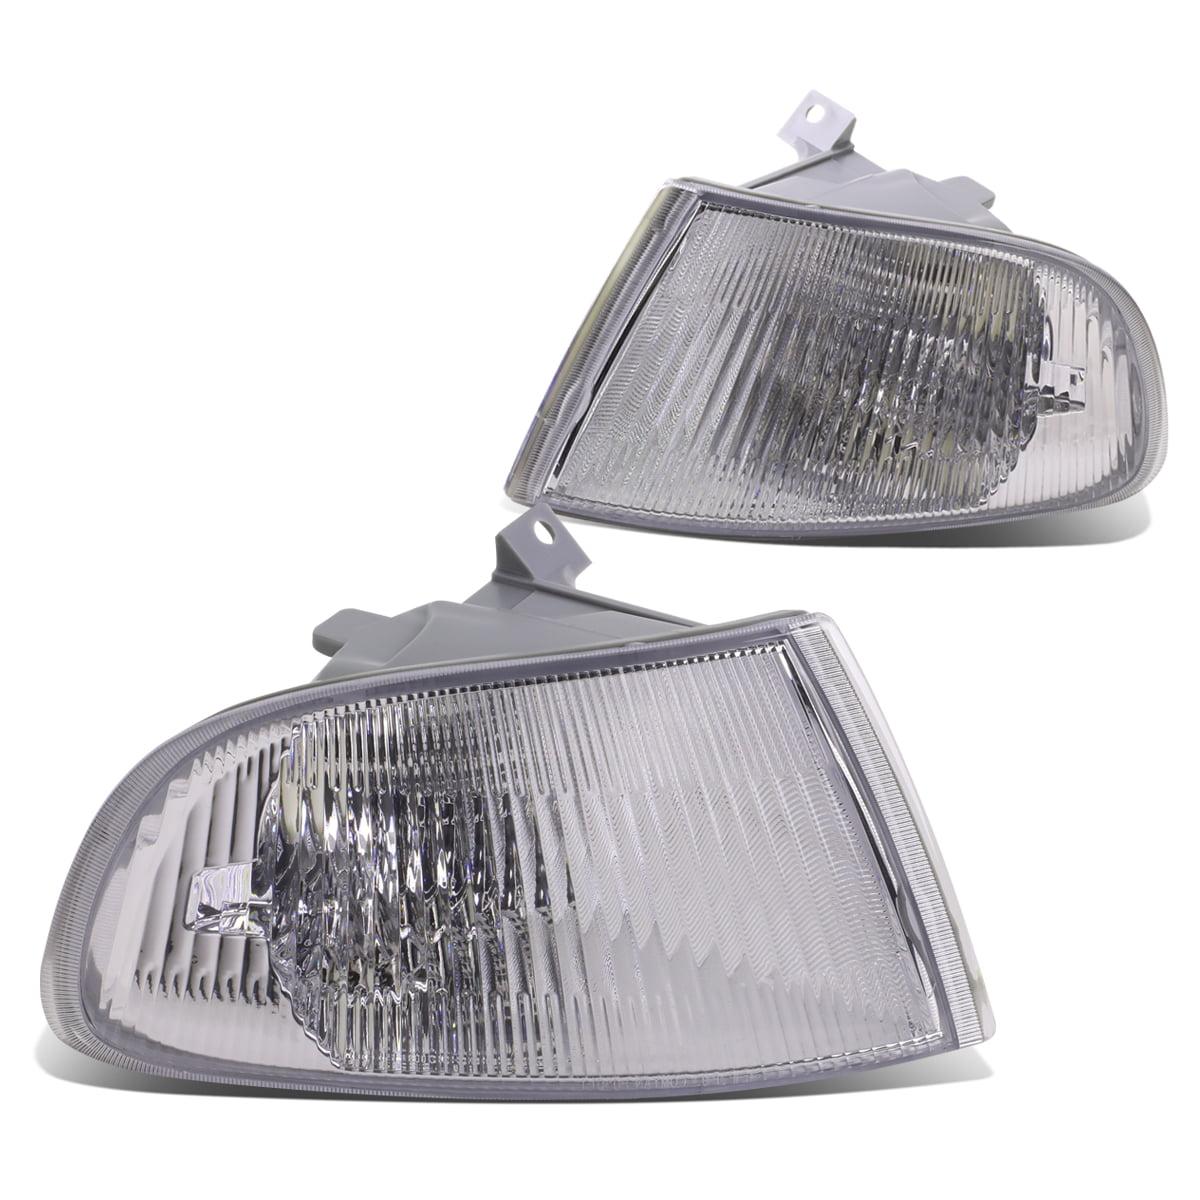 For 92-95 Honda Civic 4-Door EG8 EG9 EH9 Pair of Corner Light Lamp With Bulbs - Chrome Housing 93 94